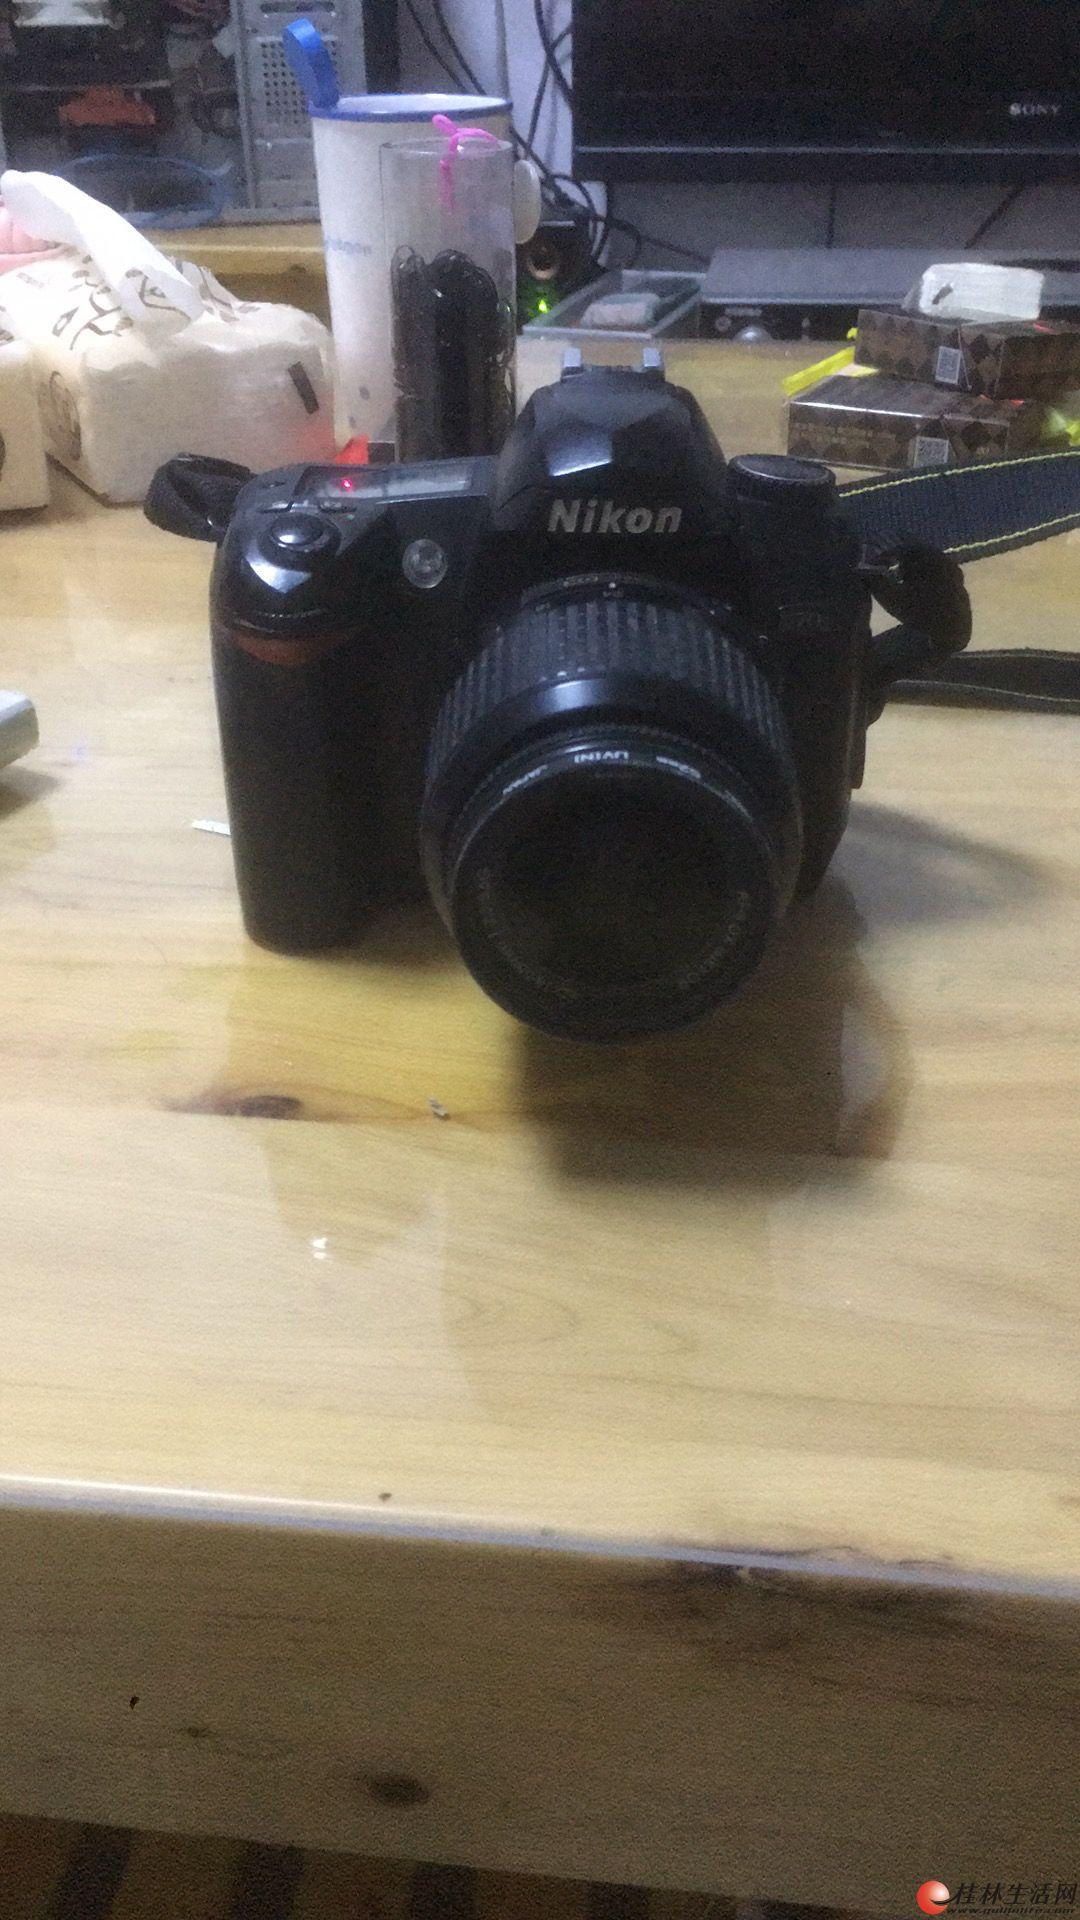 转让一部尼康单反相机,d70s